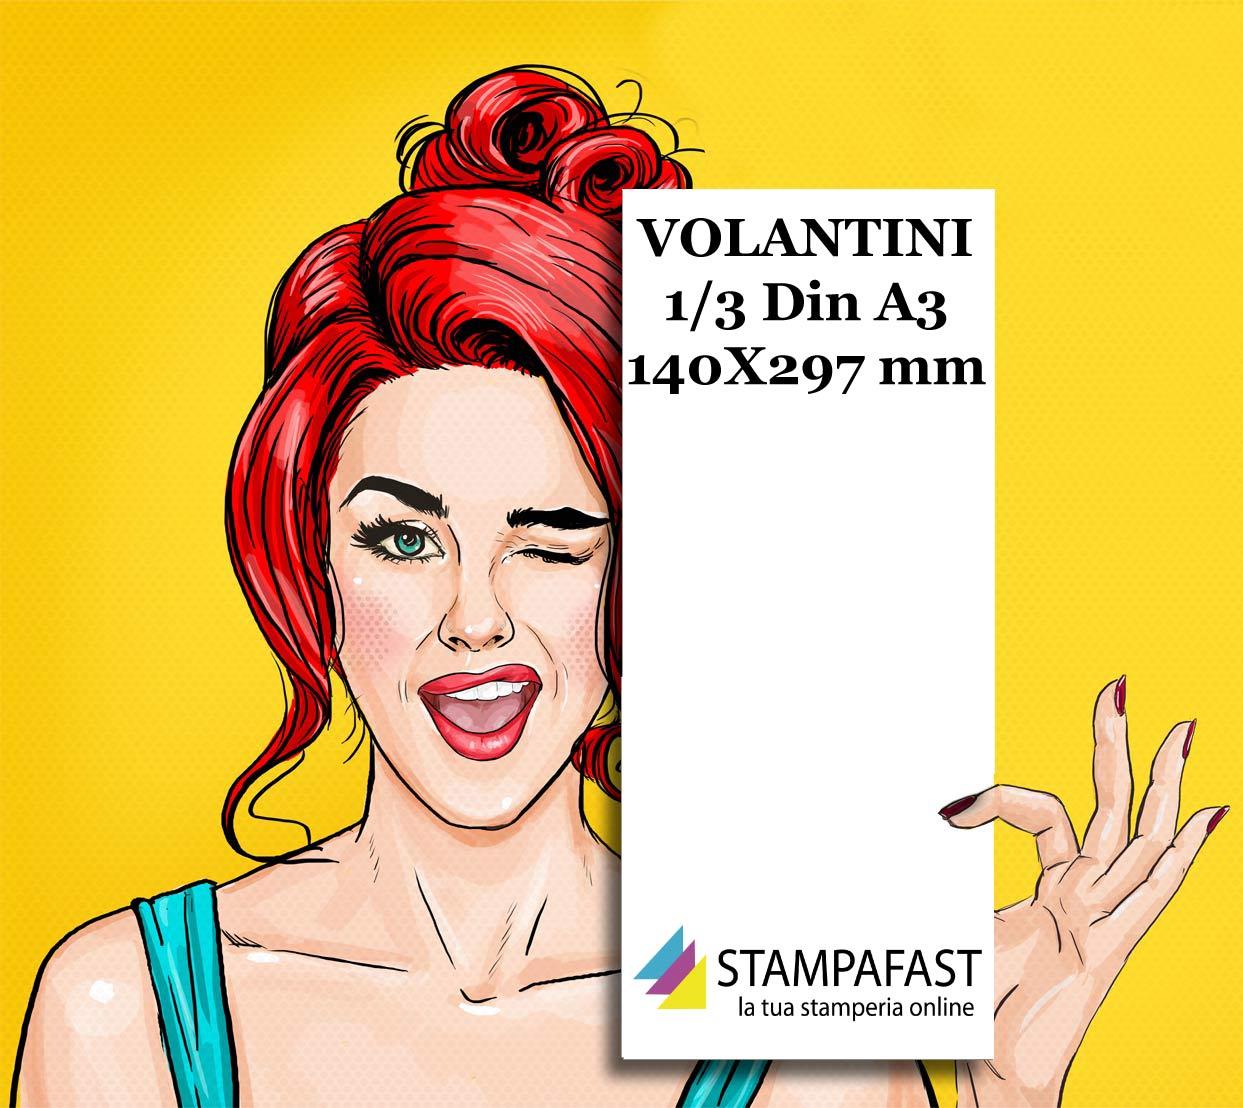 Volantini 1/3 din A3